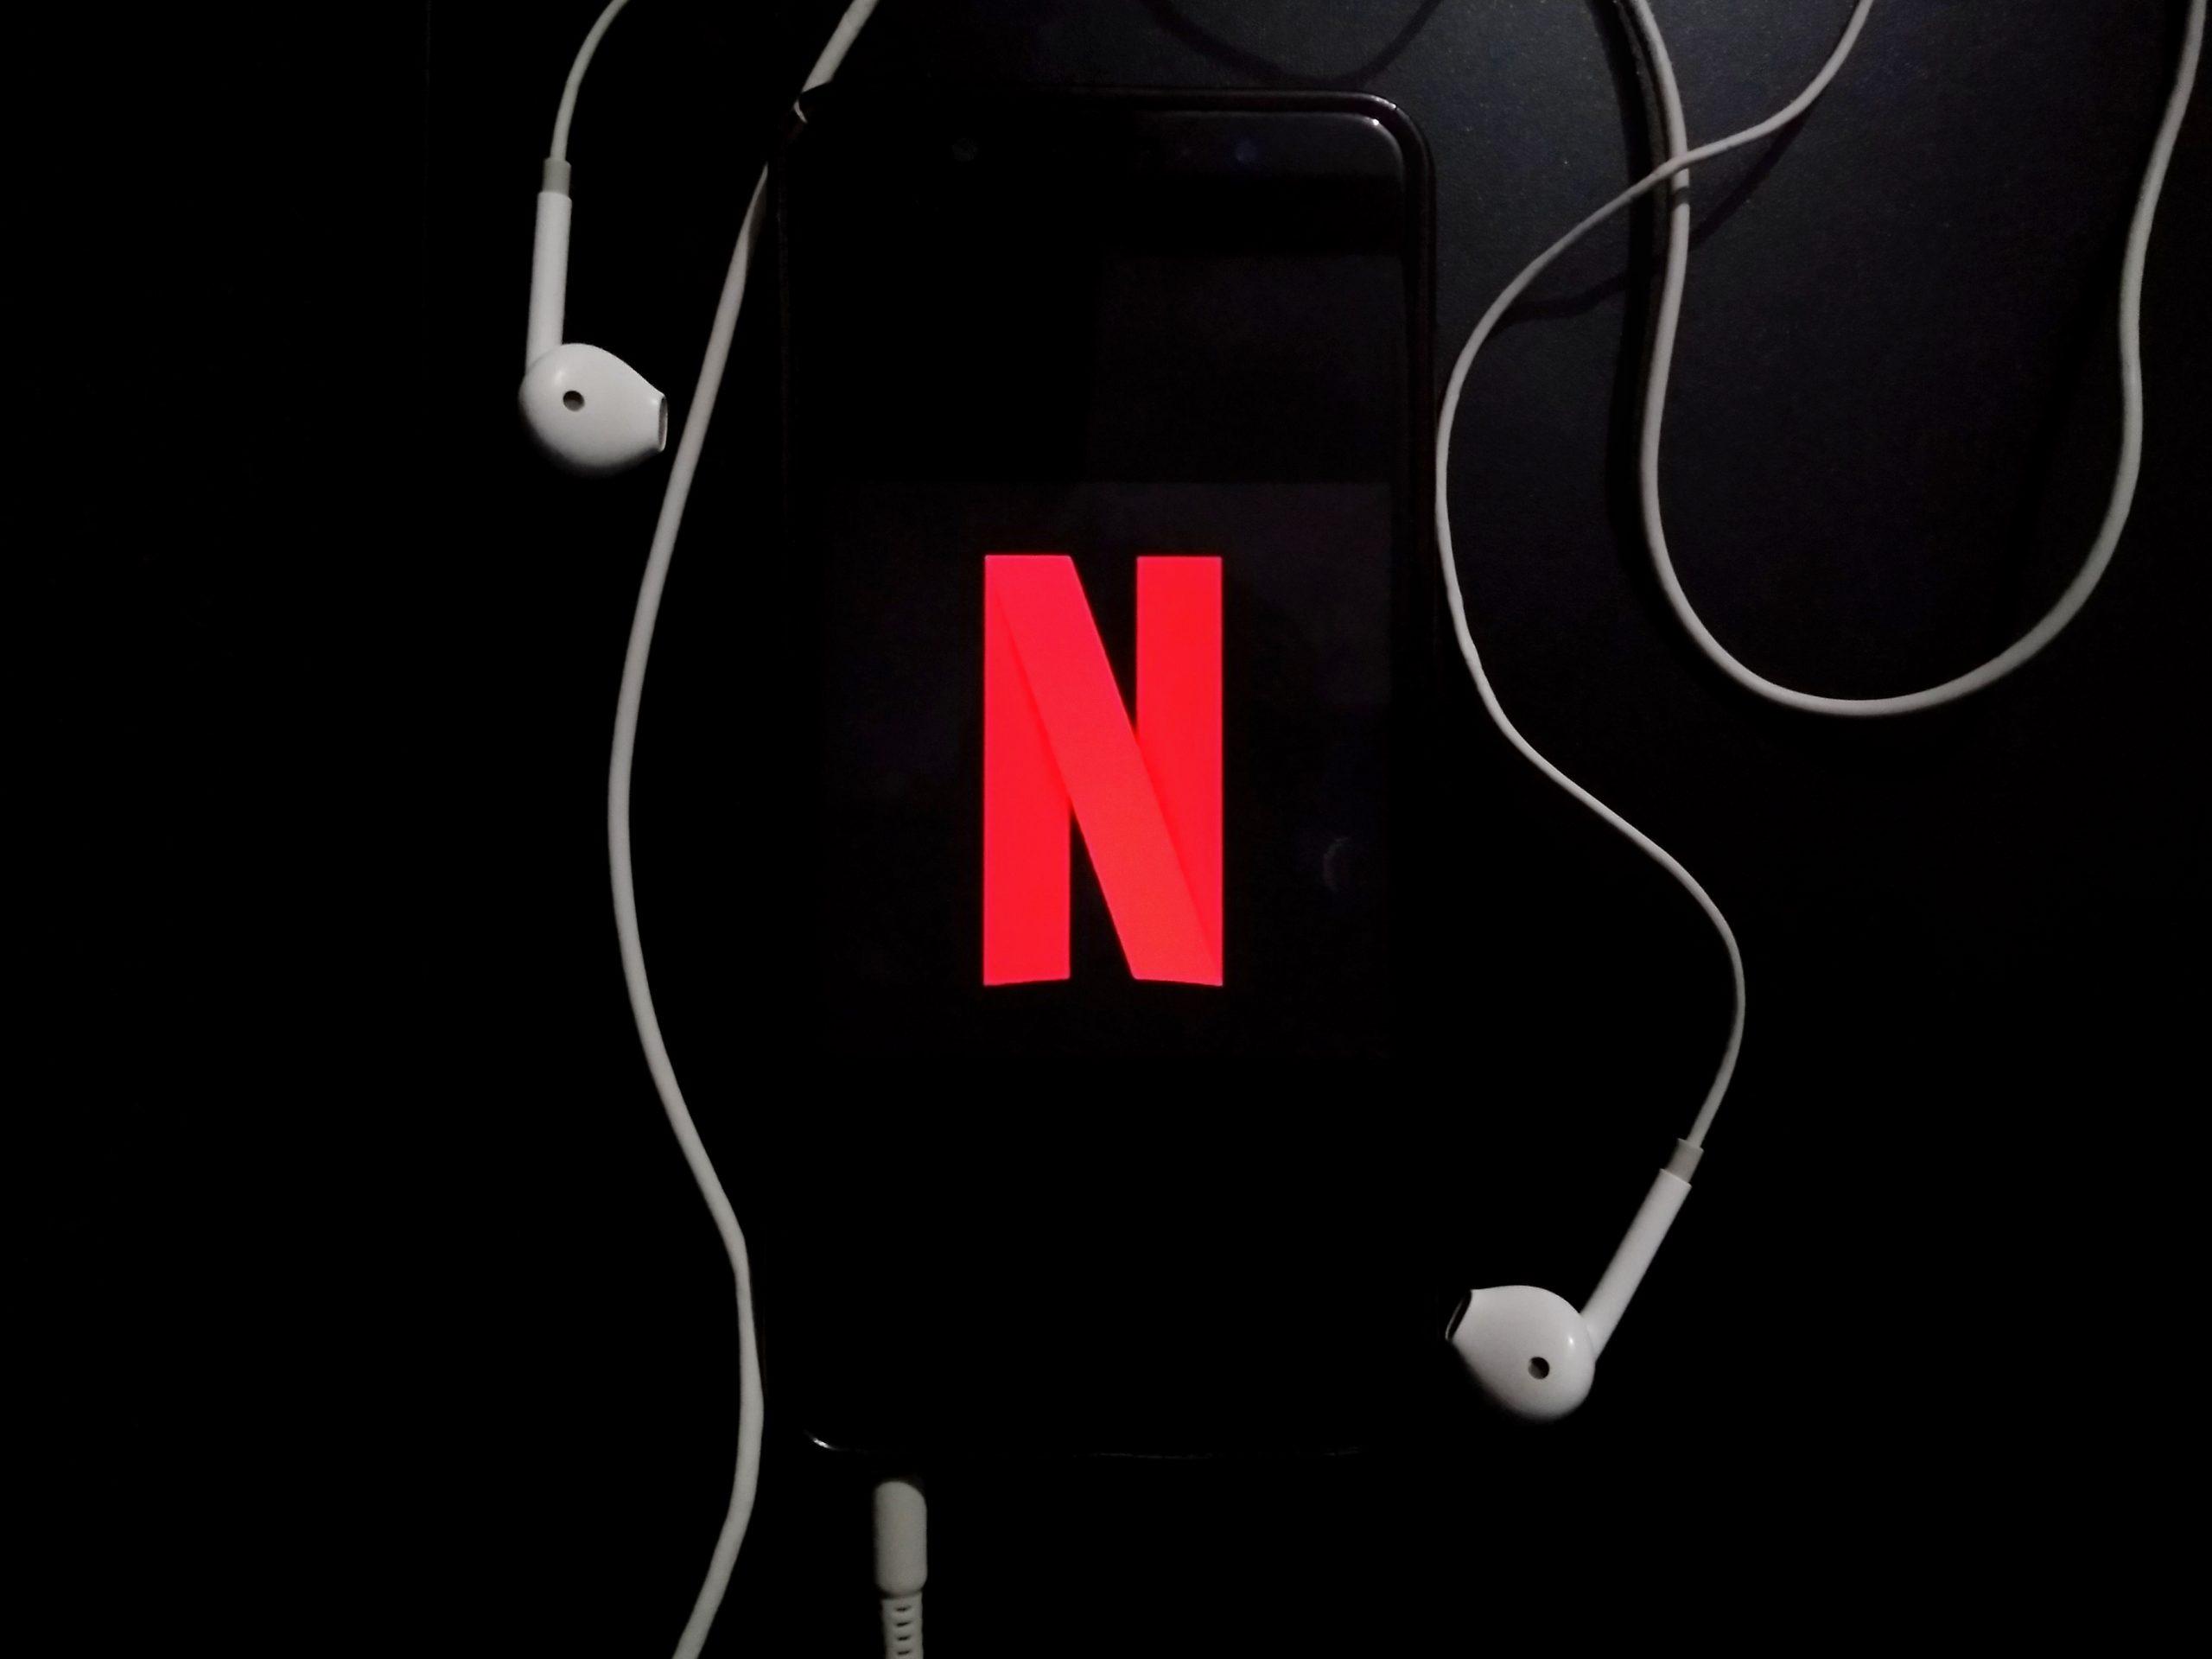 Watching movies on Netflix